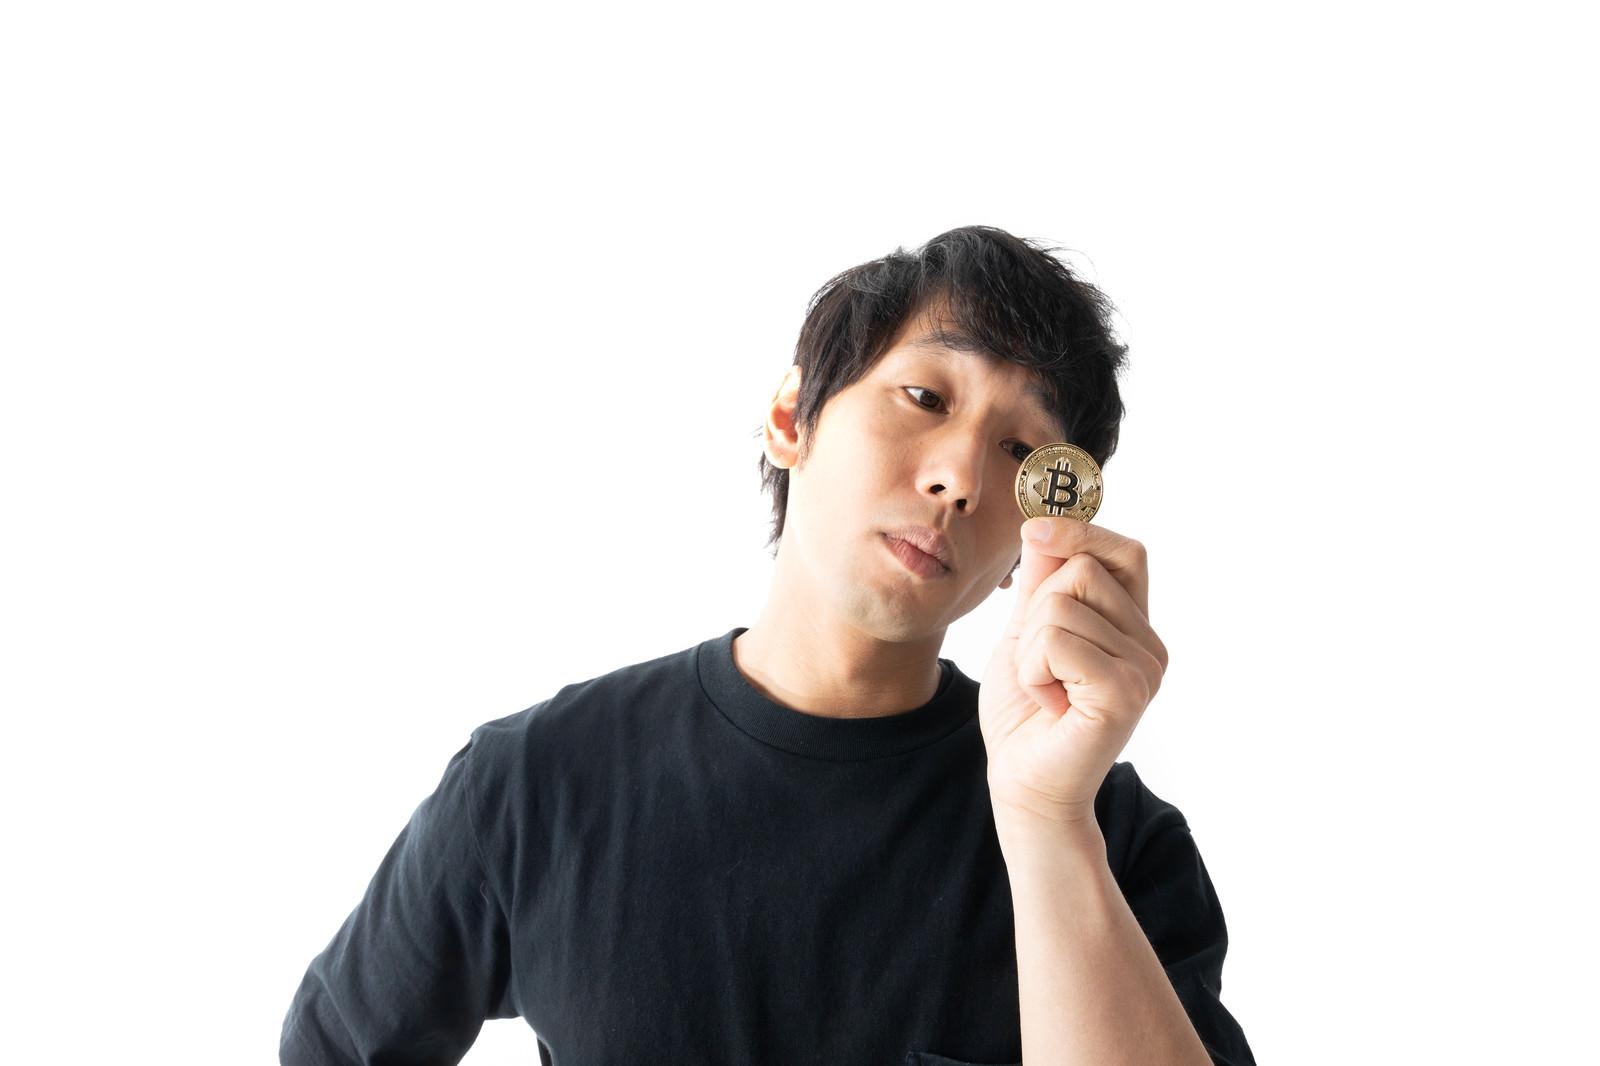 「暗号資産の魅力に取り憑かれる男性」の写真[モデル:大川竜弥]